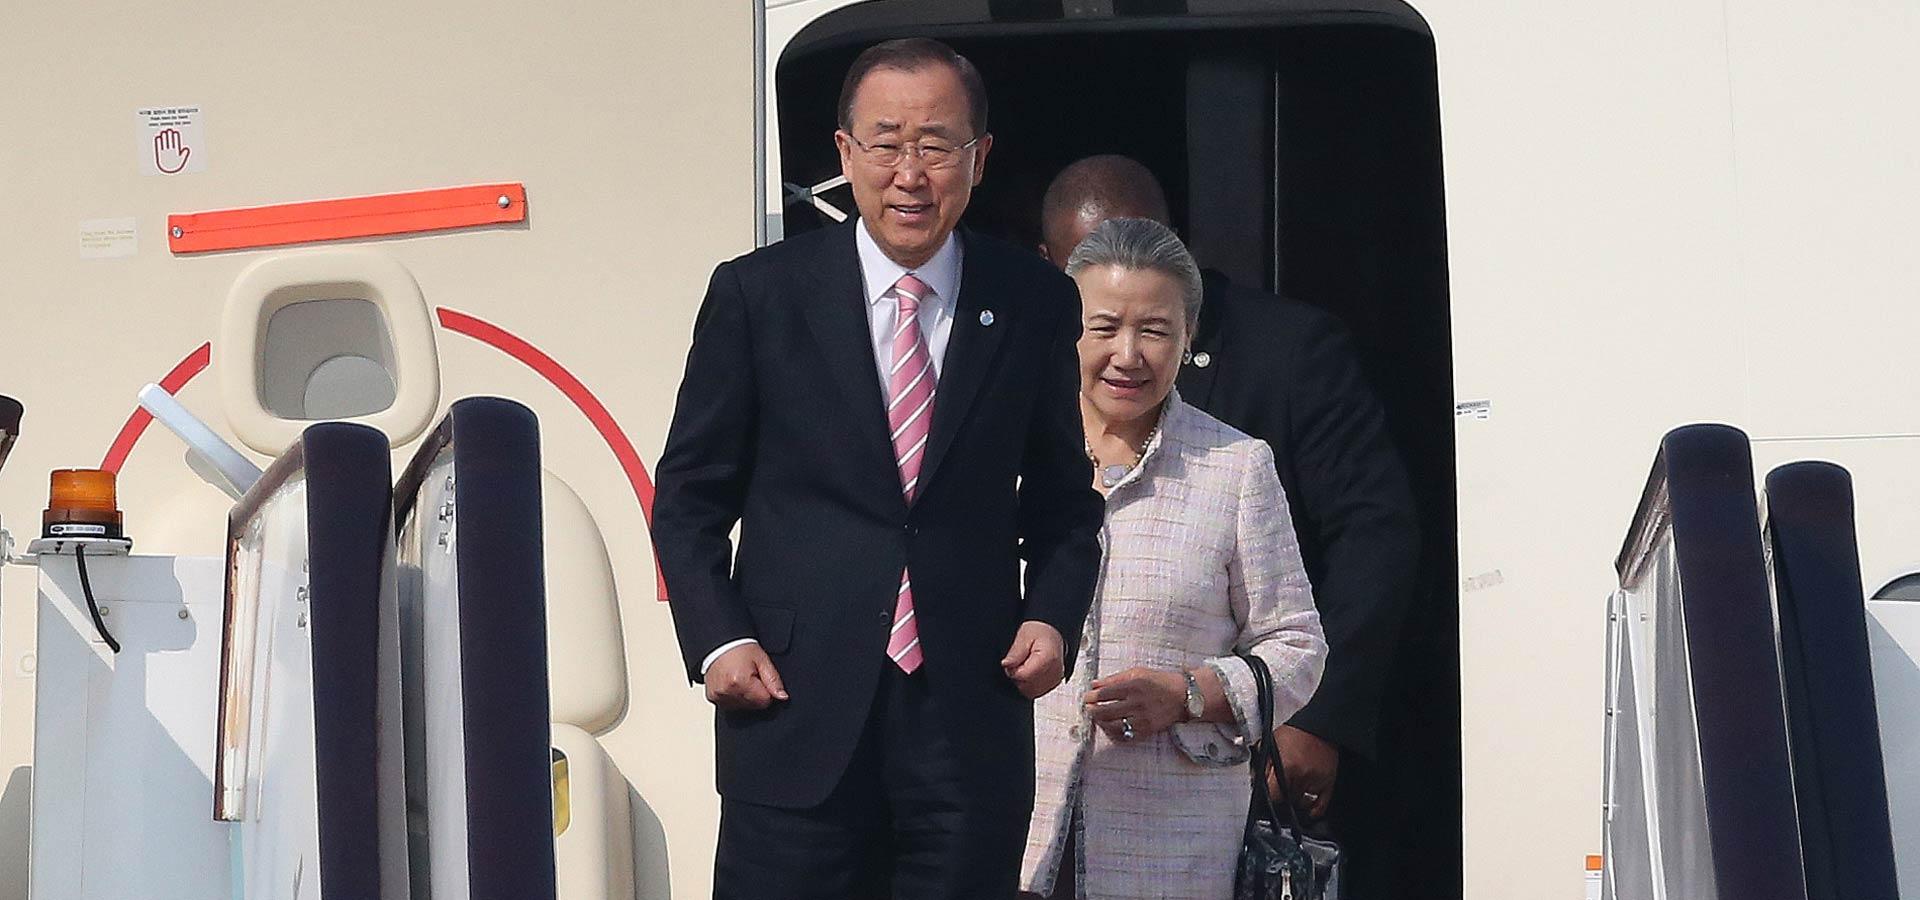 聯合國秘書長潘基文抵達杭州